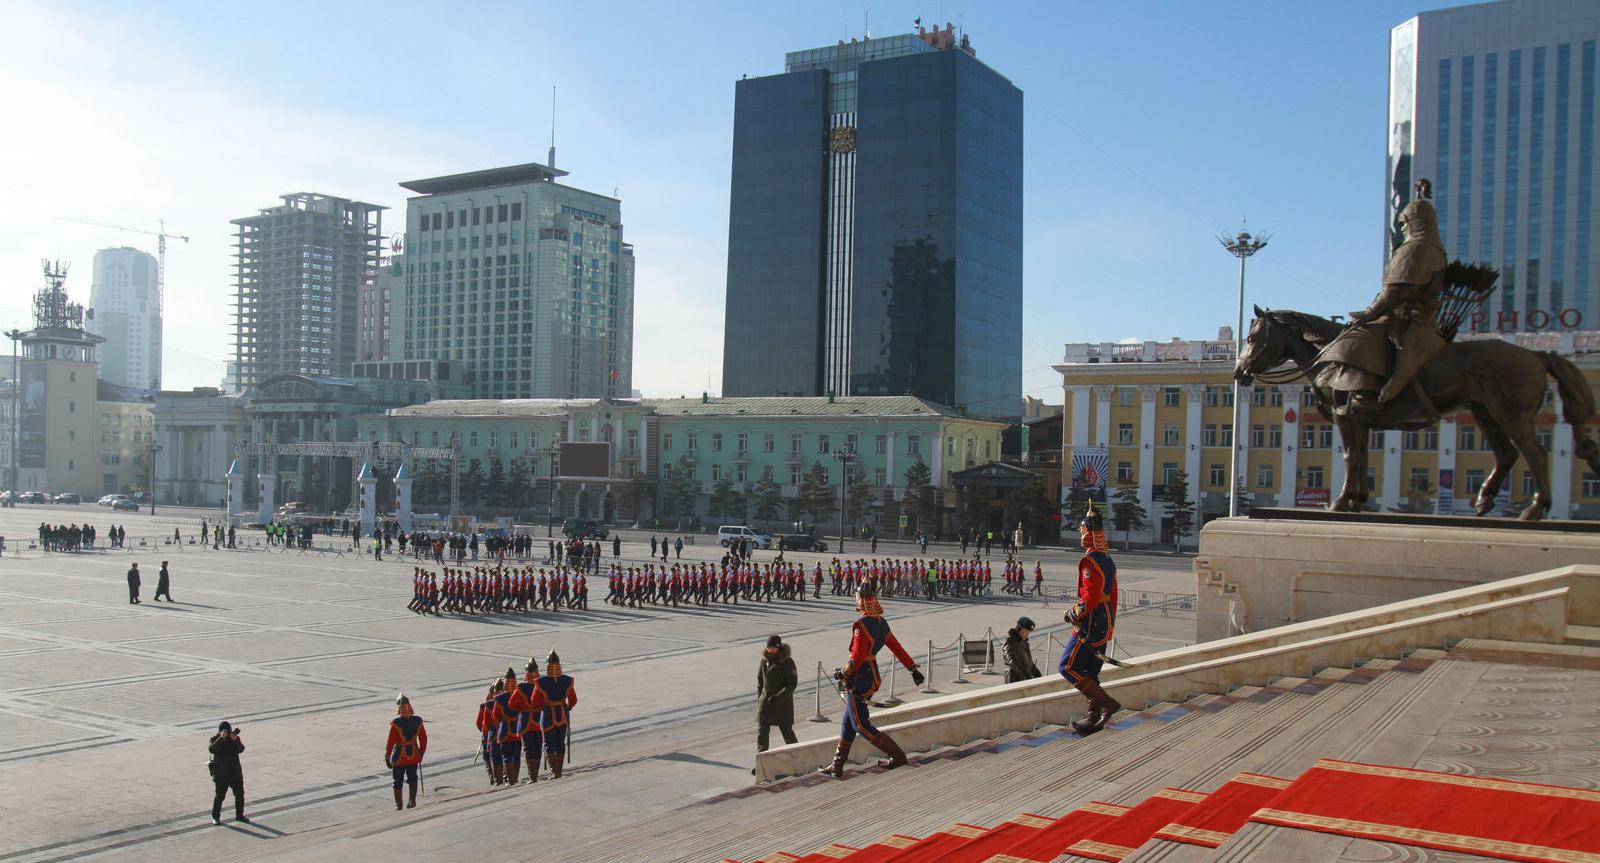 dd2c04_MPA_PHOTO_2018-8859_x974 Чингис хааны хөшөөнд хүндэтгэл үзүүлэв